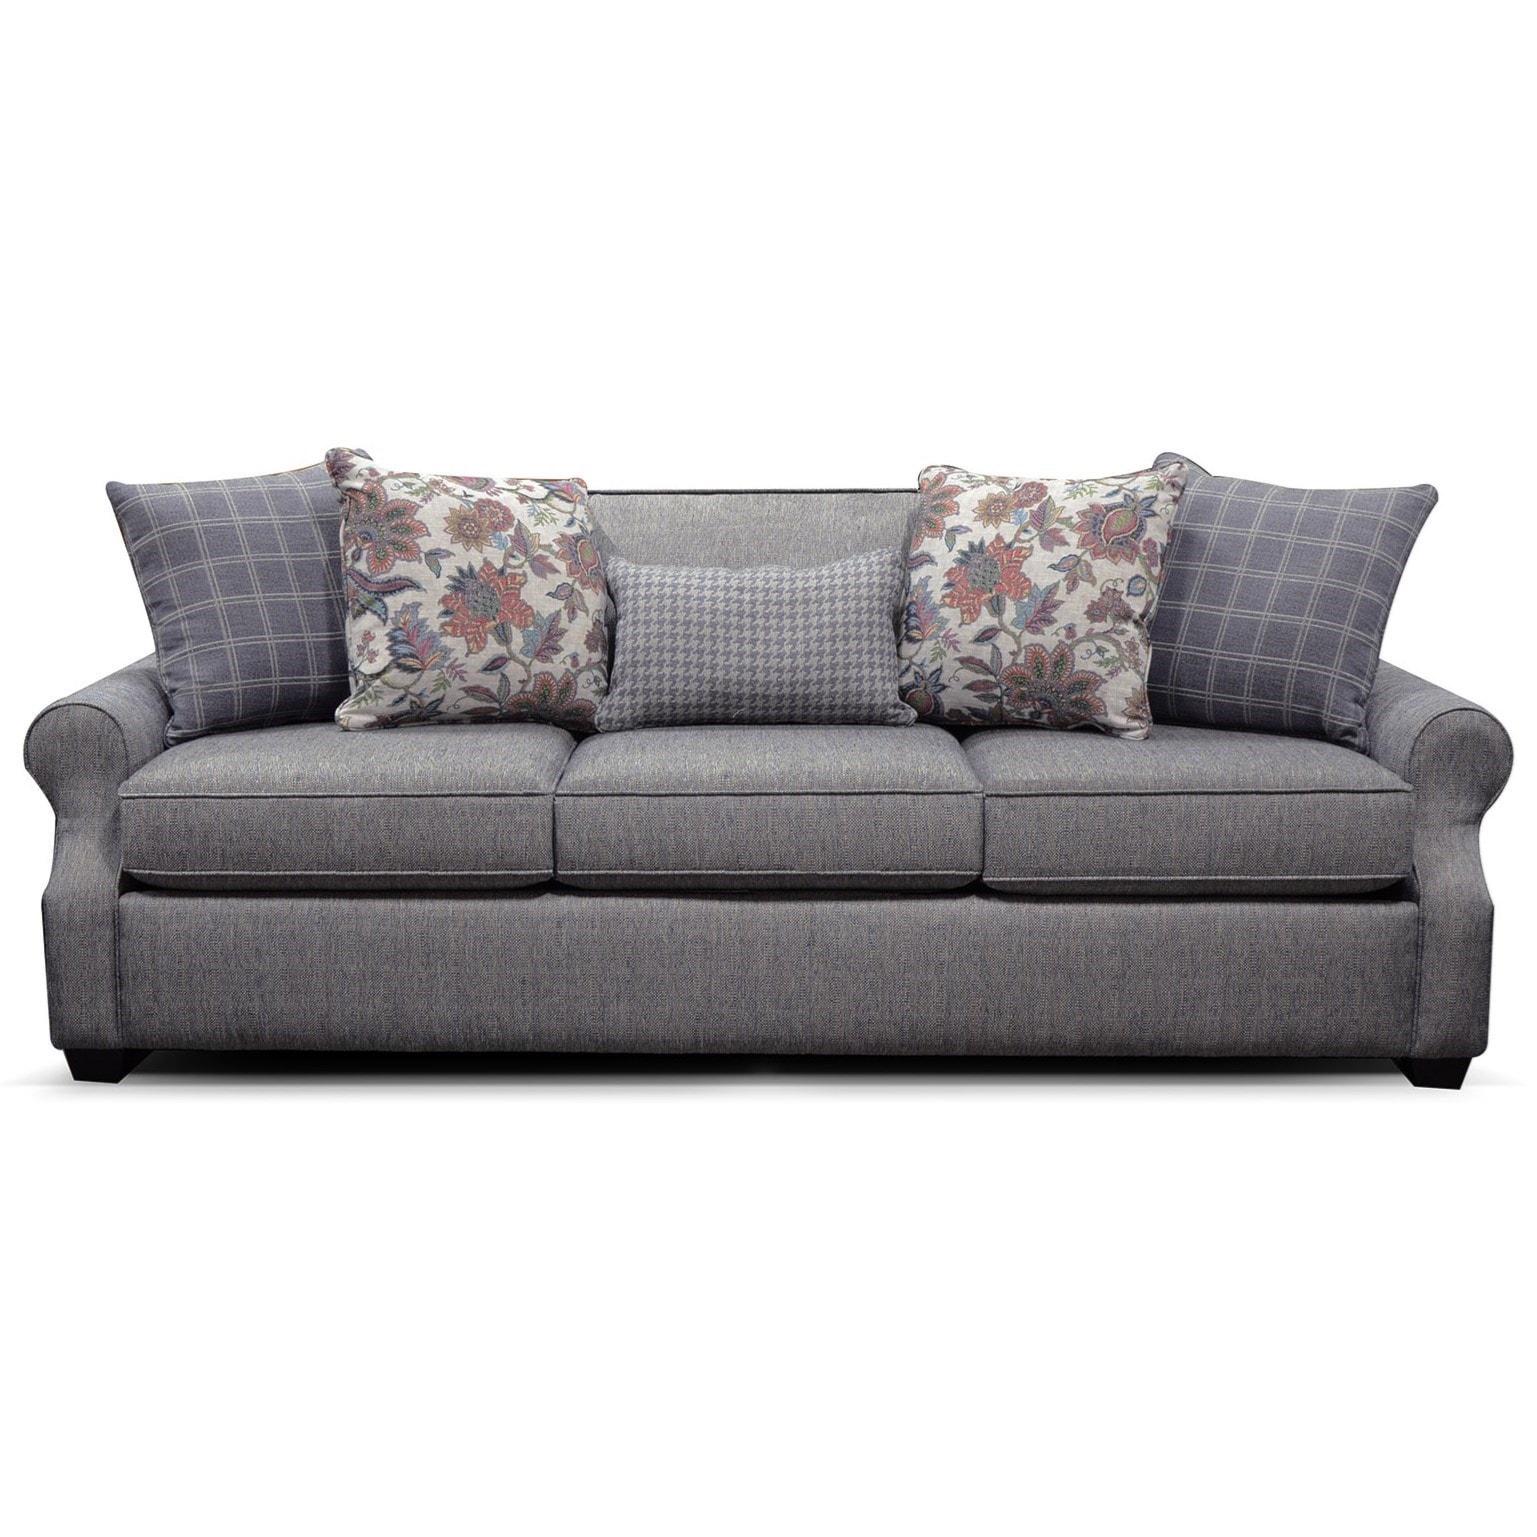 England Adele Sofa Pilgrim Furniture City Sofas